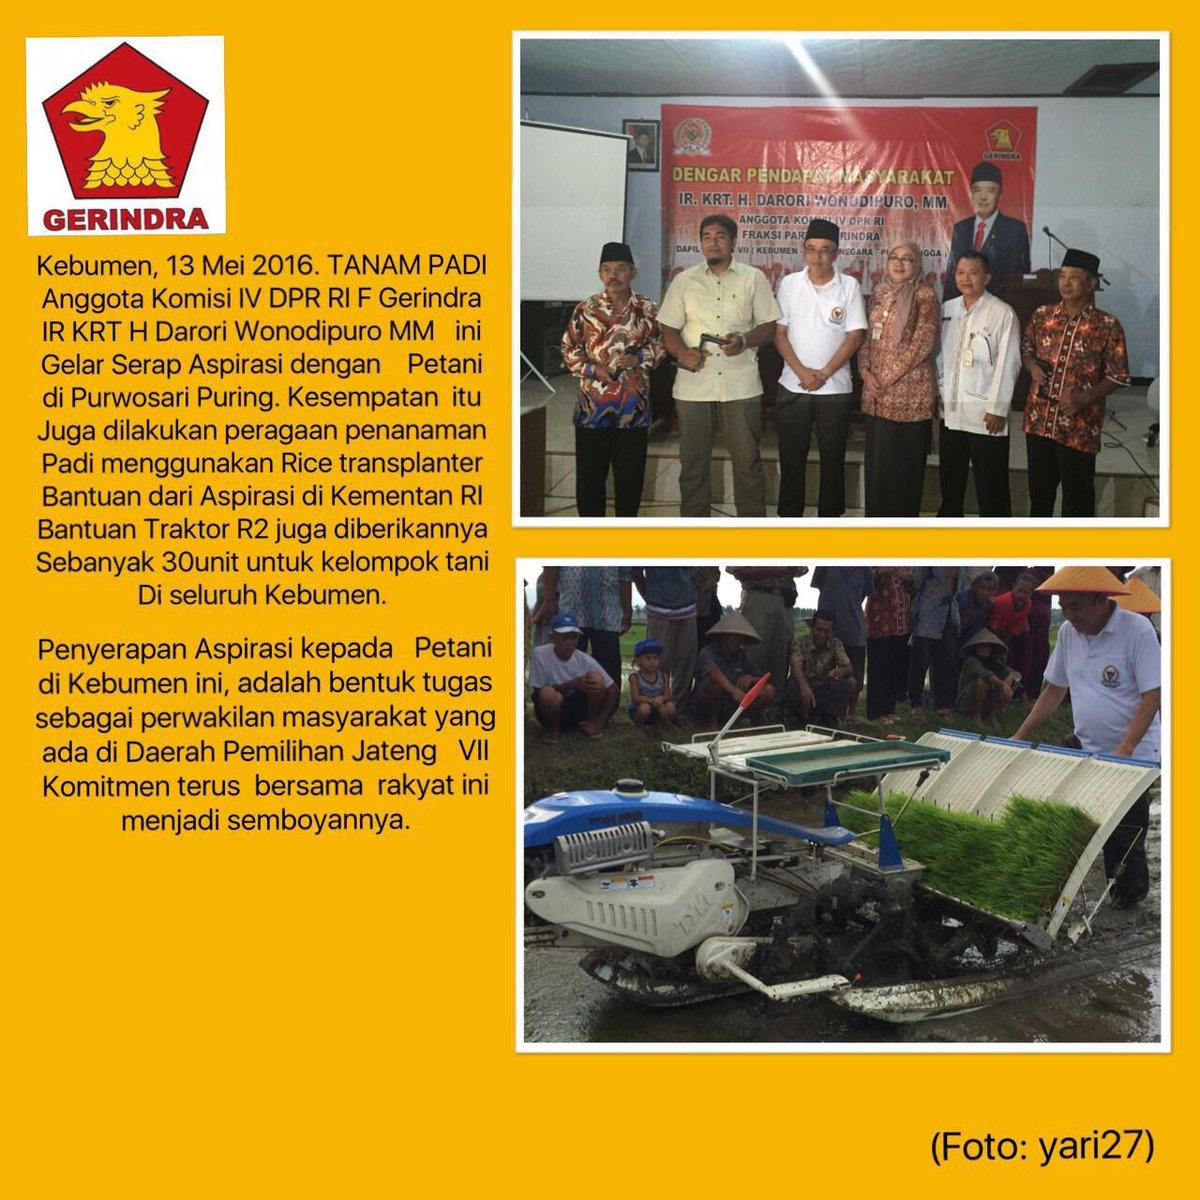 #anggotadprri #gerindra #komisi4 #gerindraindonesia #daroriwonodipuropic.twitter.com/L6tSjZTyeZ